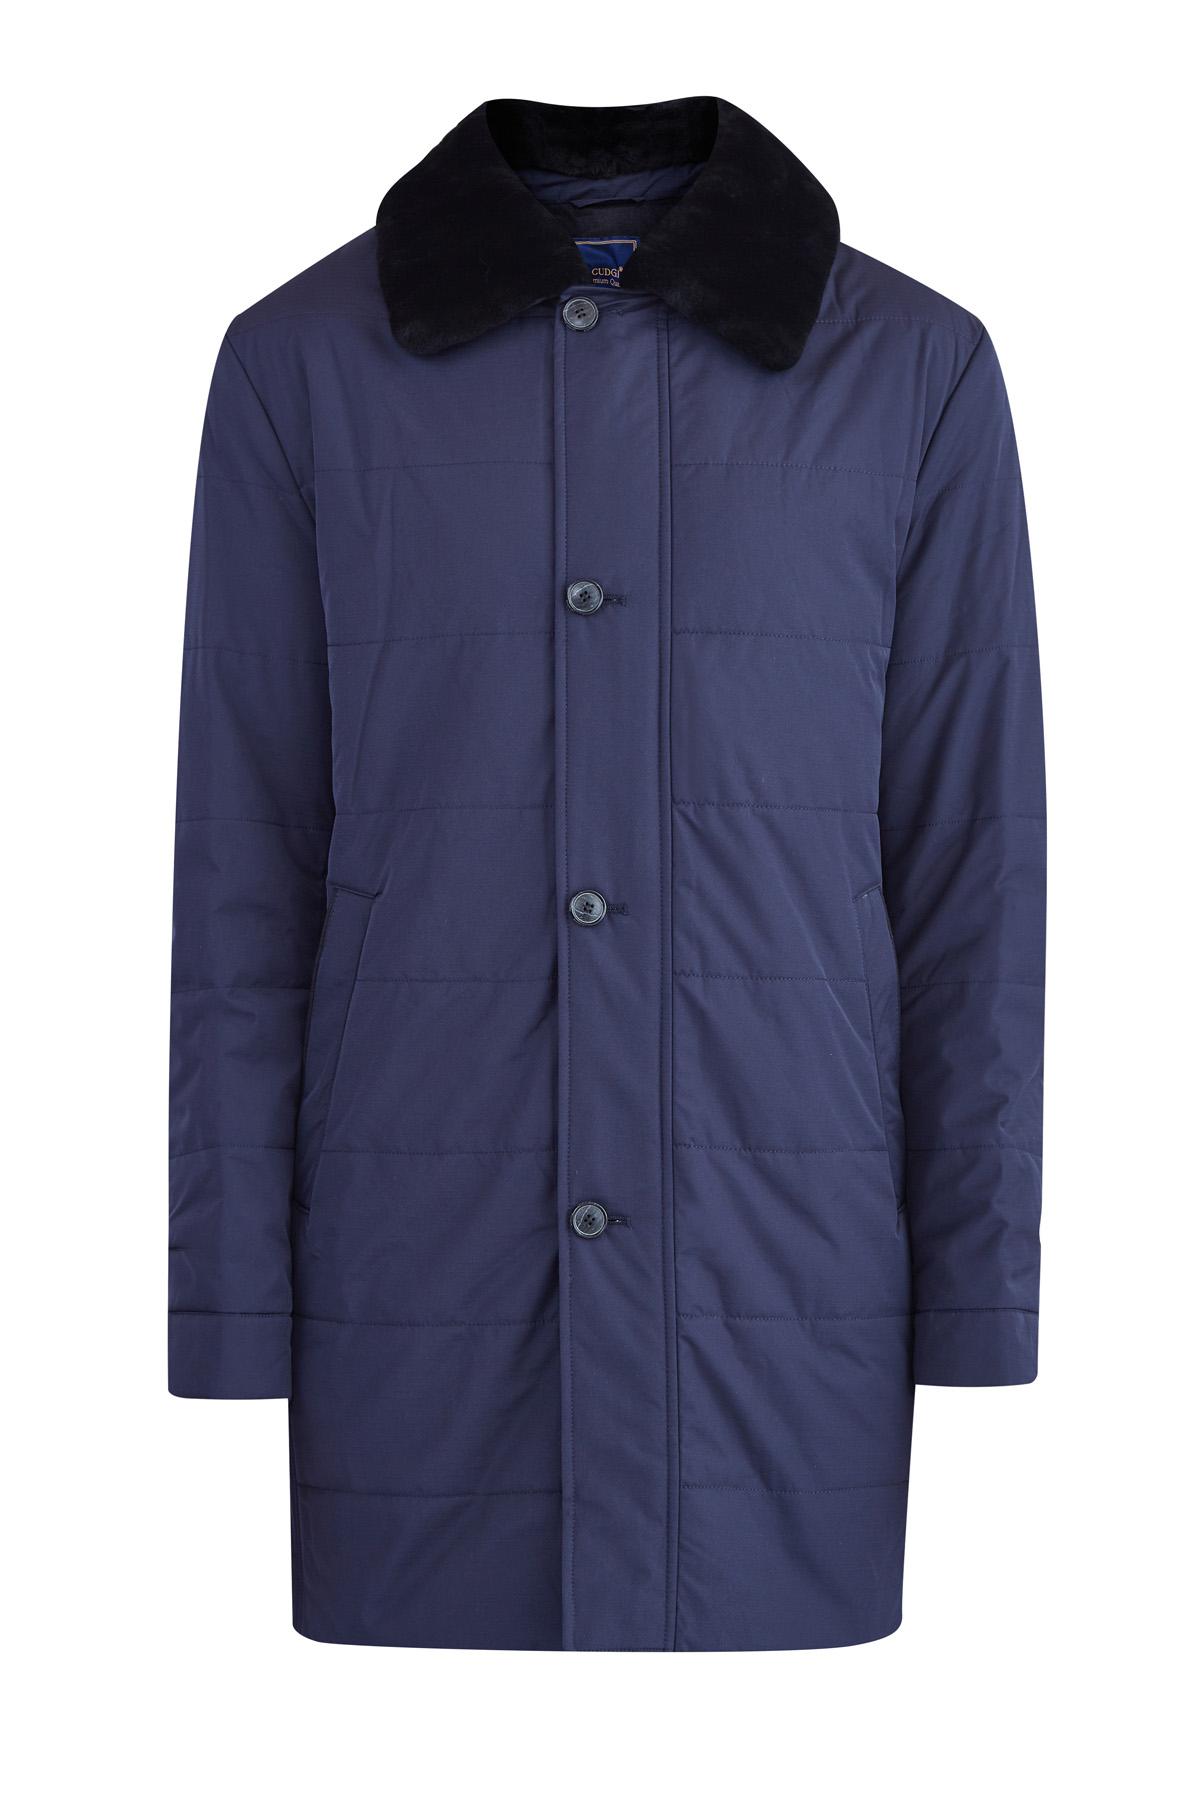 Купить Куртка, CUDGI, Италия, полиэстер 91%, спандекс 9%, искусственный мех 100%